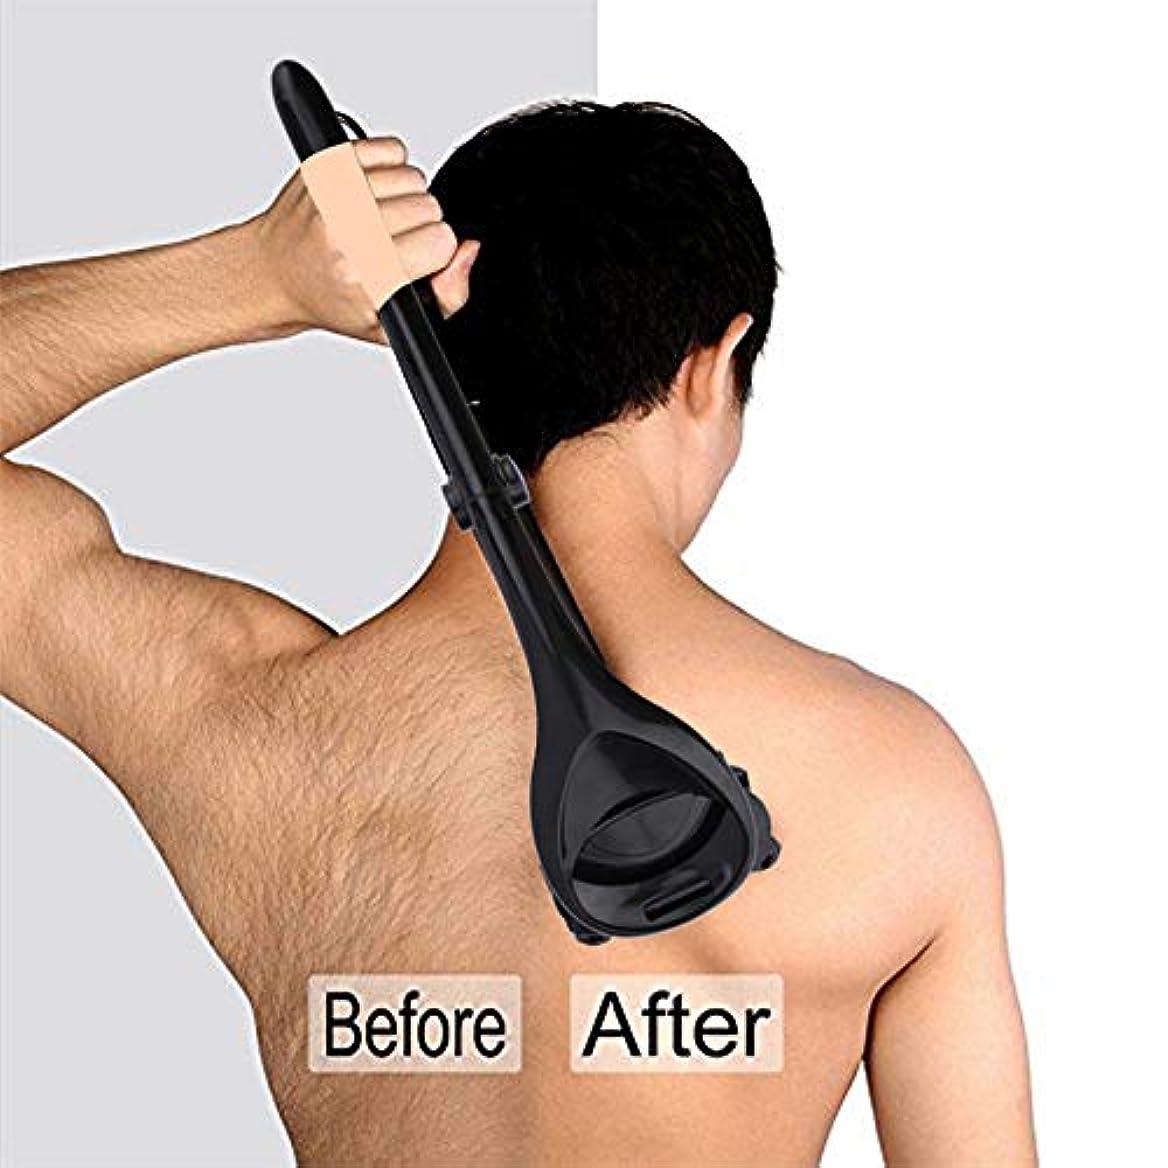 伝導風刺美徳体の脱毛器男性用手動シェーバーは、全身に適用することができます